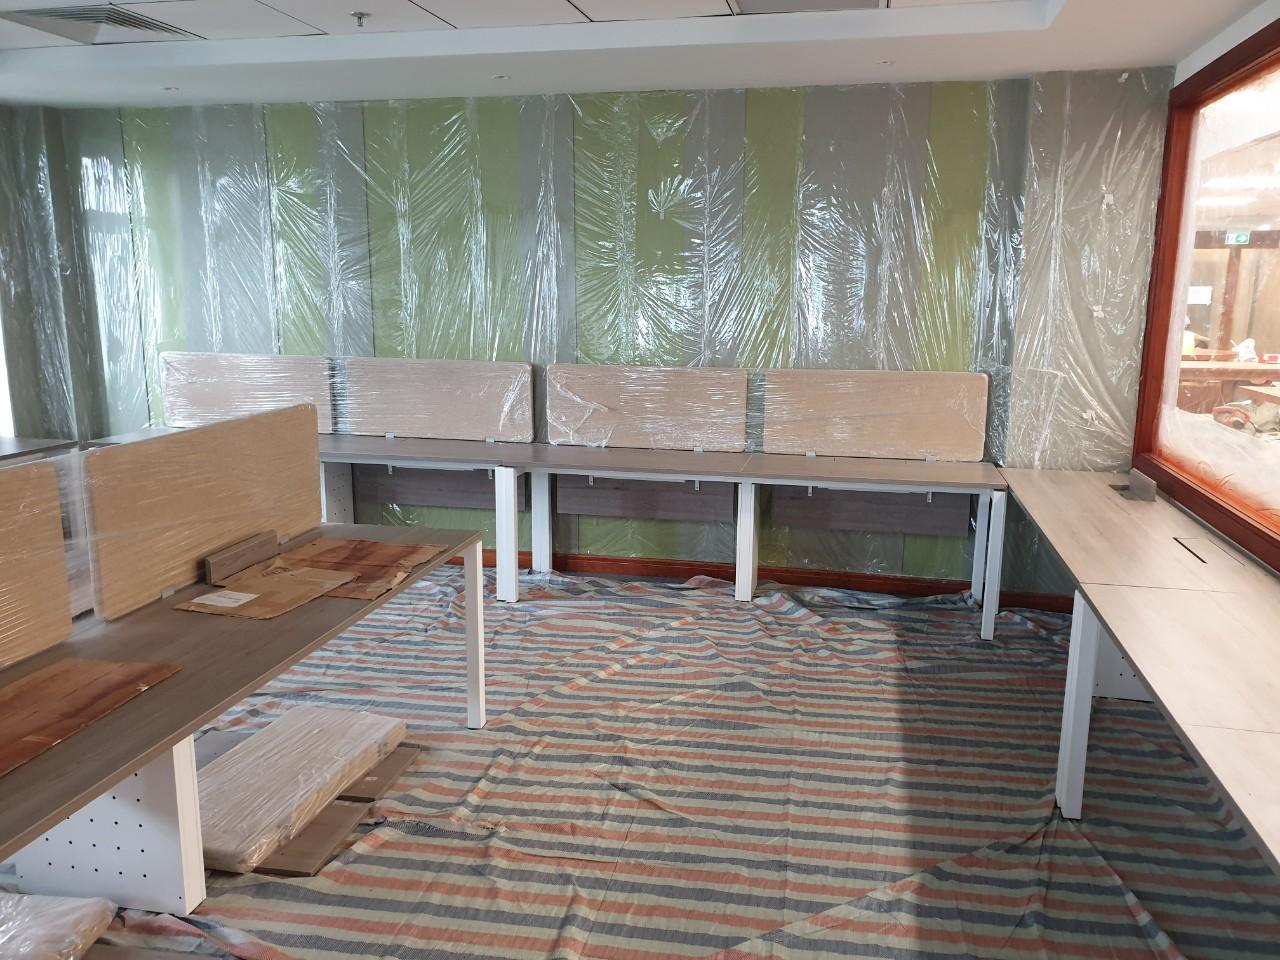 Mặt bằng thi công lắp đặt nội thất văn phòng giai đoạn hoàn thiện